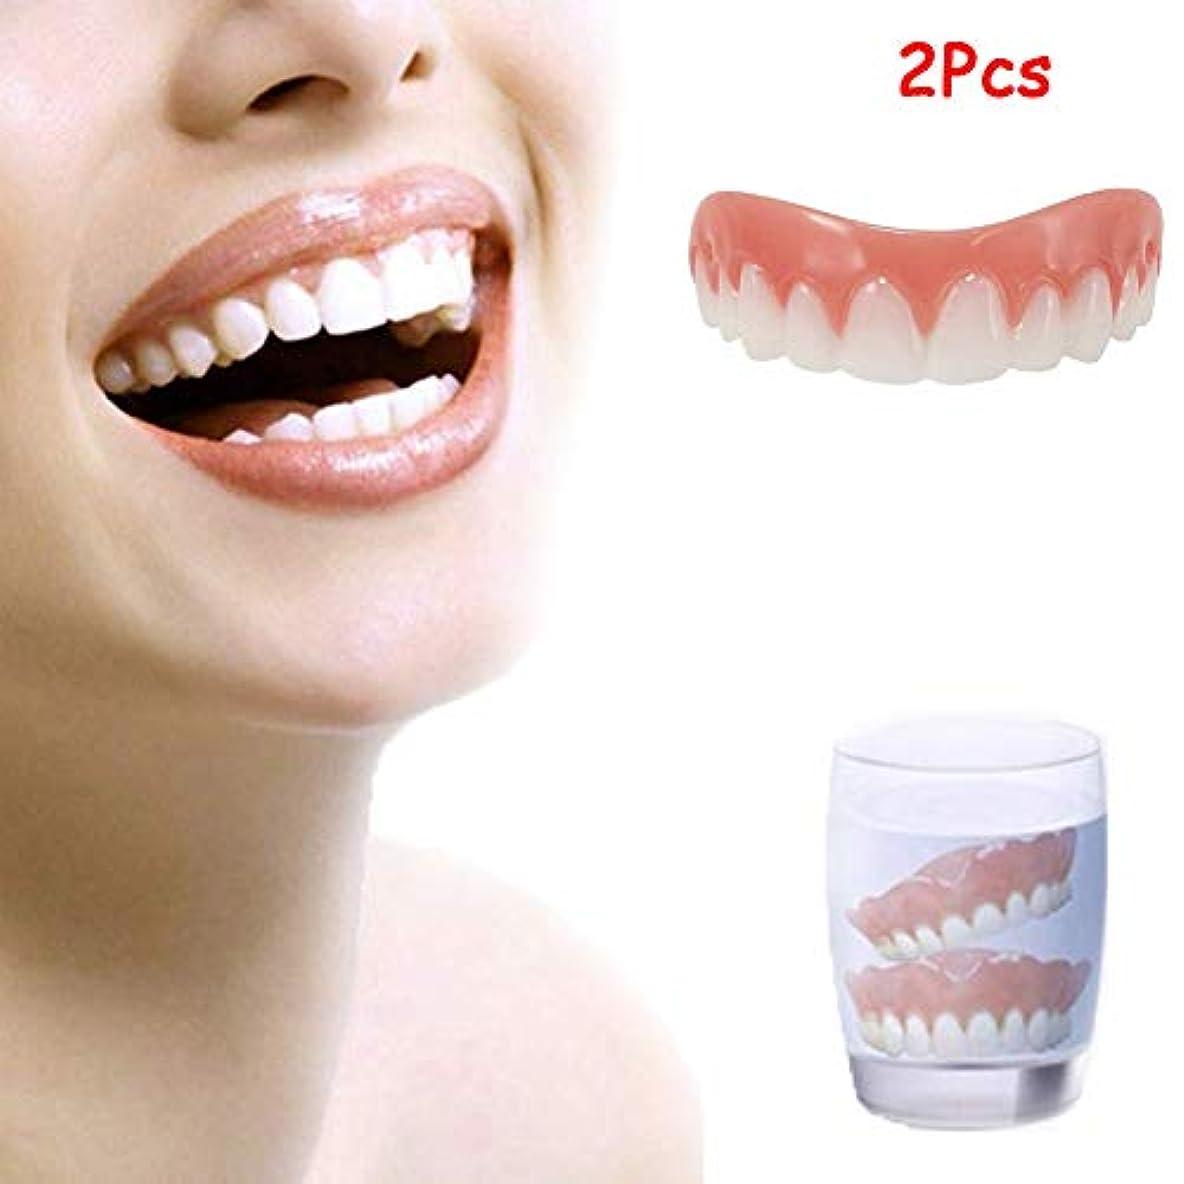 歯科用ベニヤホワイトニングデンタルインスタントパーフェクトスマイルアップアンドダウン快適なスナップインフェイクティース